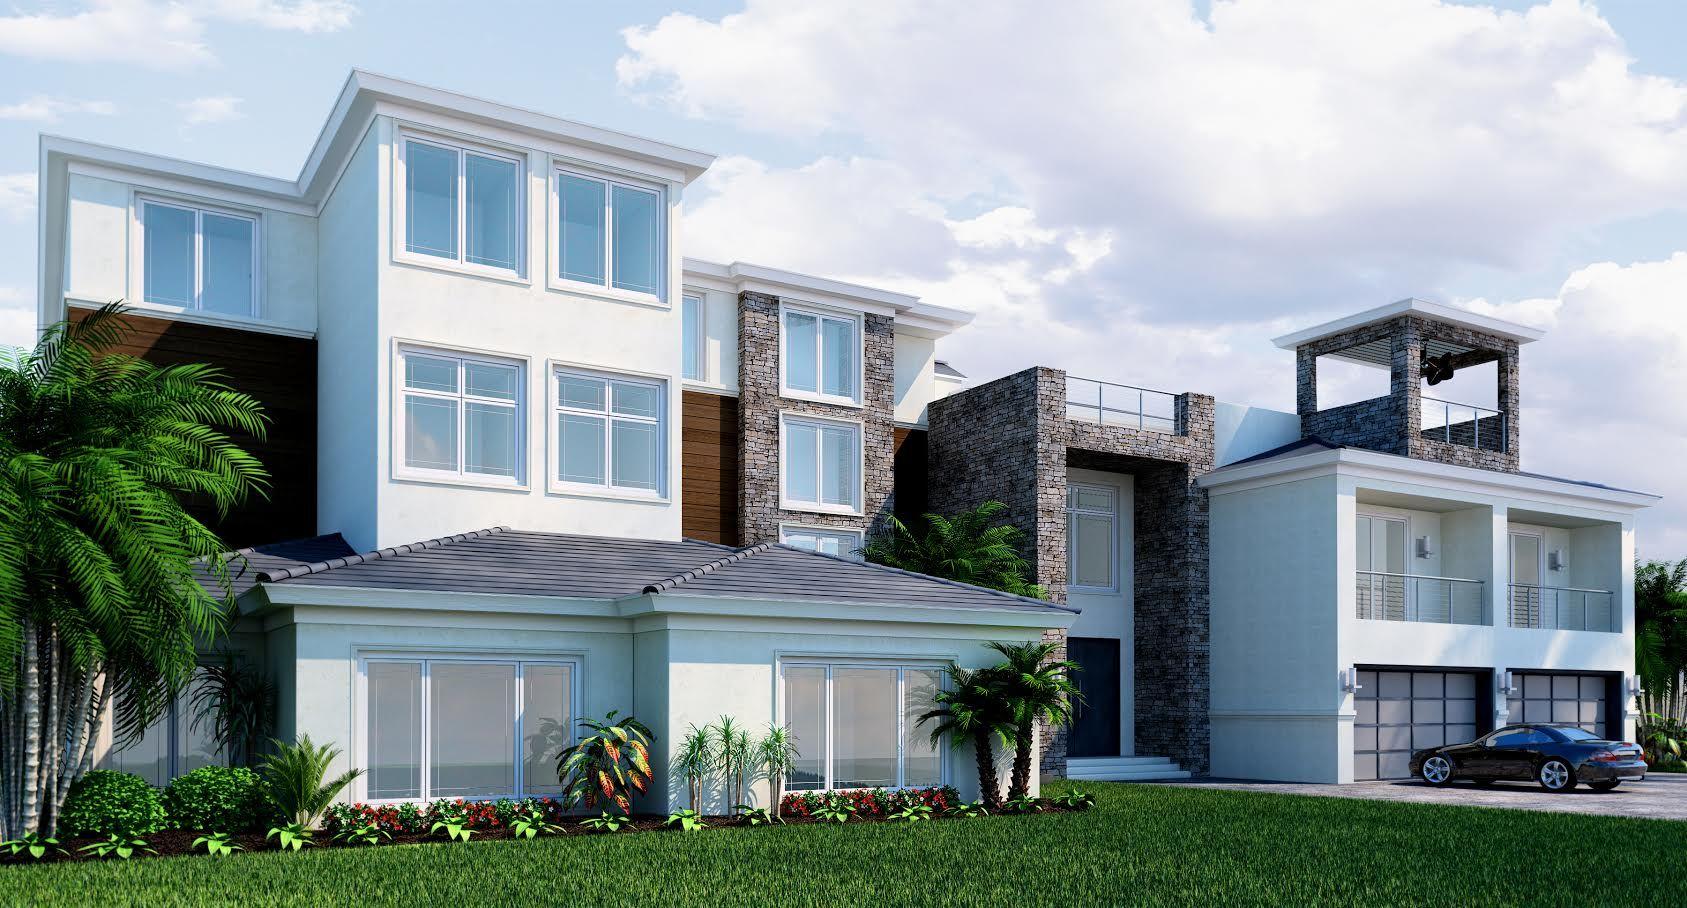 Reunion Resort 0 14 Bedroom Villa In Reunion Resort Top Villas Florida Villas Resort Luxury Vacation